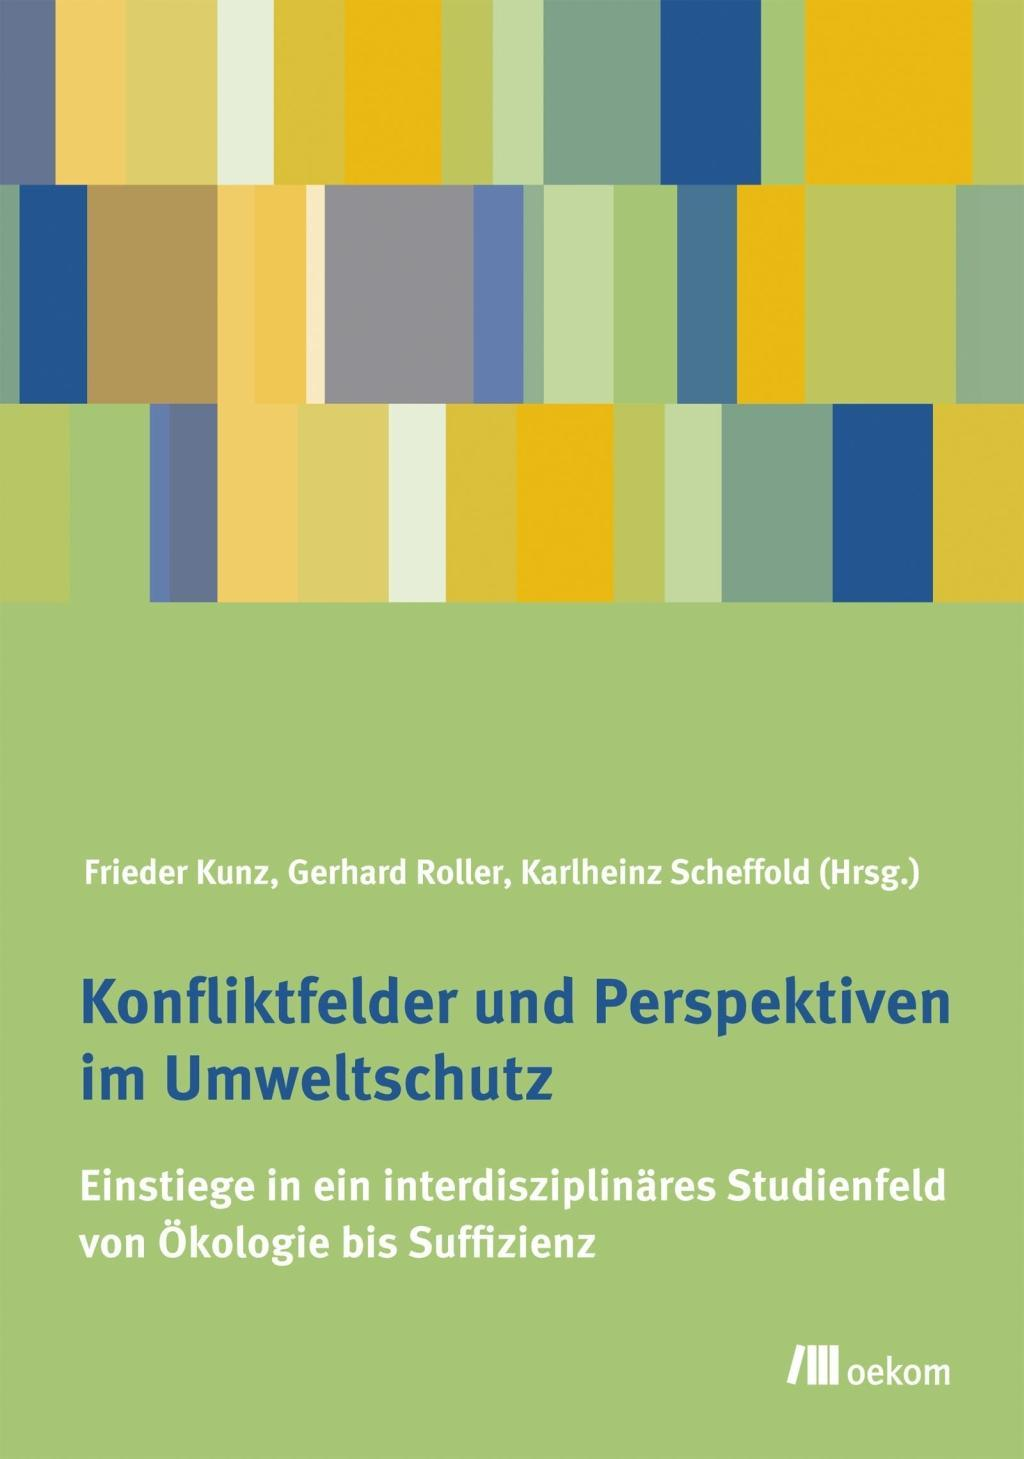 Konfliktfelder und Perspektiven im Umweltschutz, Frieder Kunz